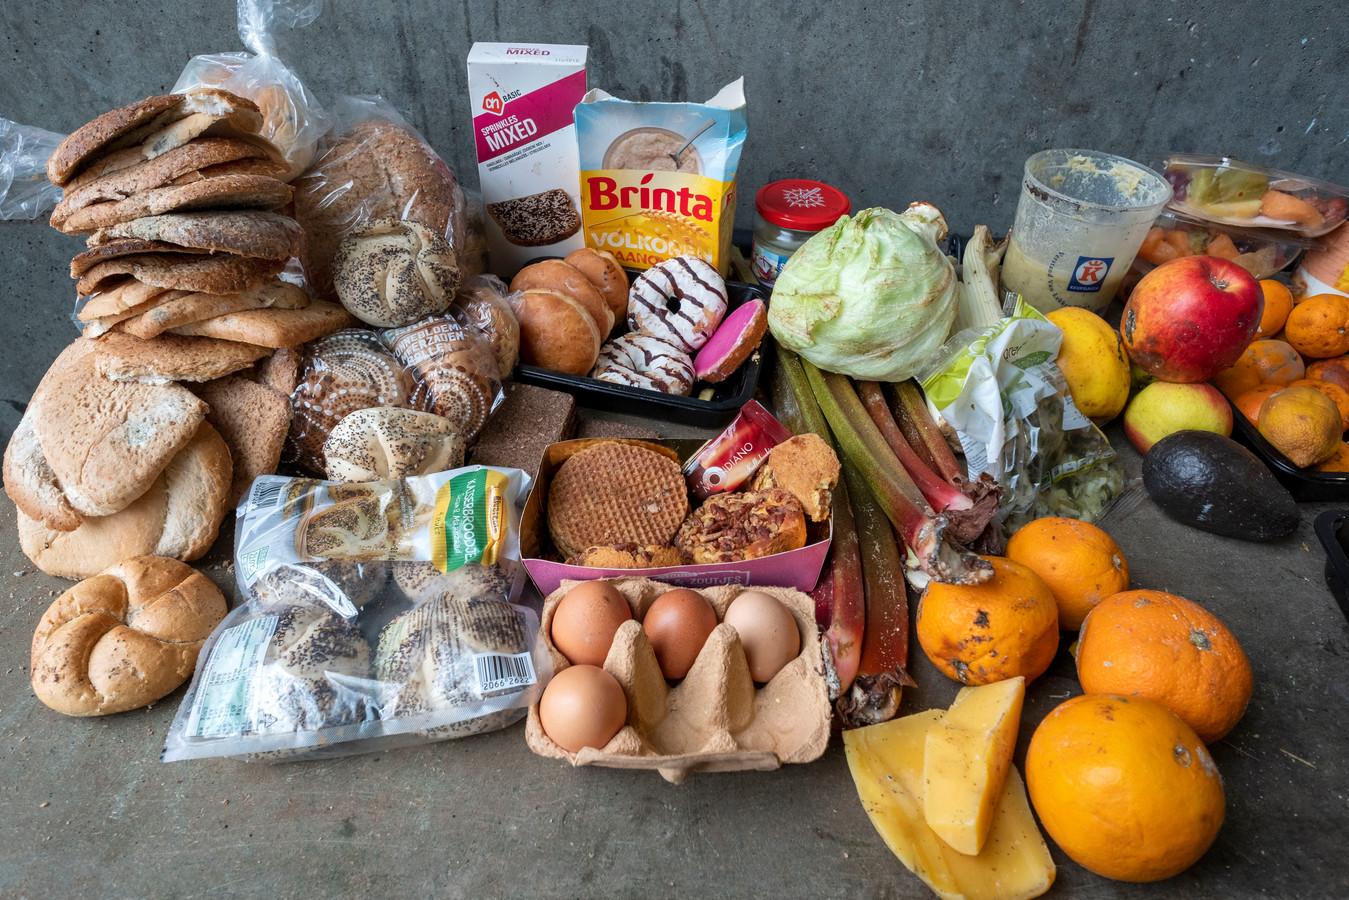 Eetbaar voedsel dat het Voedingscentrum vond in het afval bij een test in mei 2019.